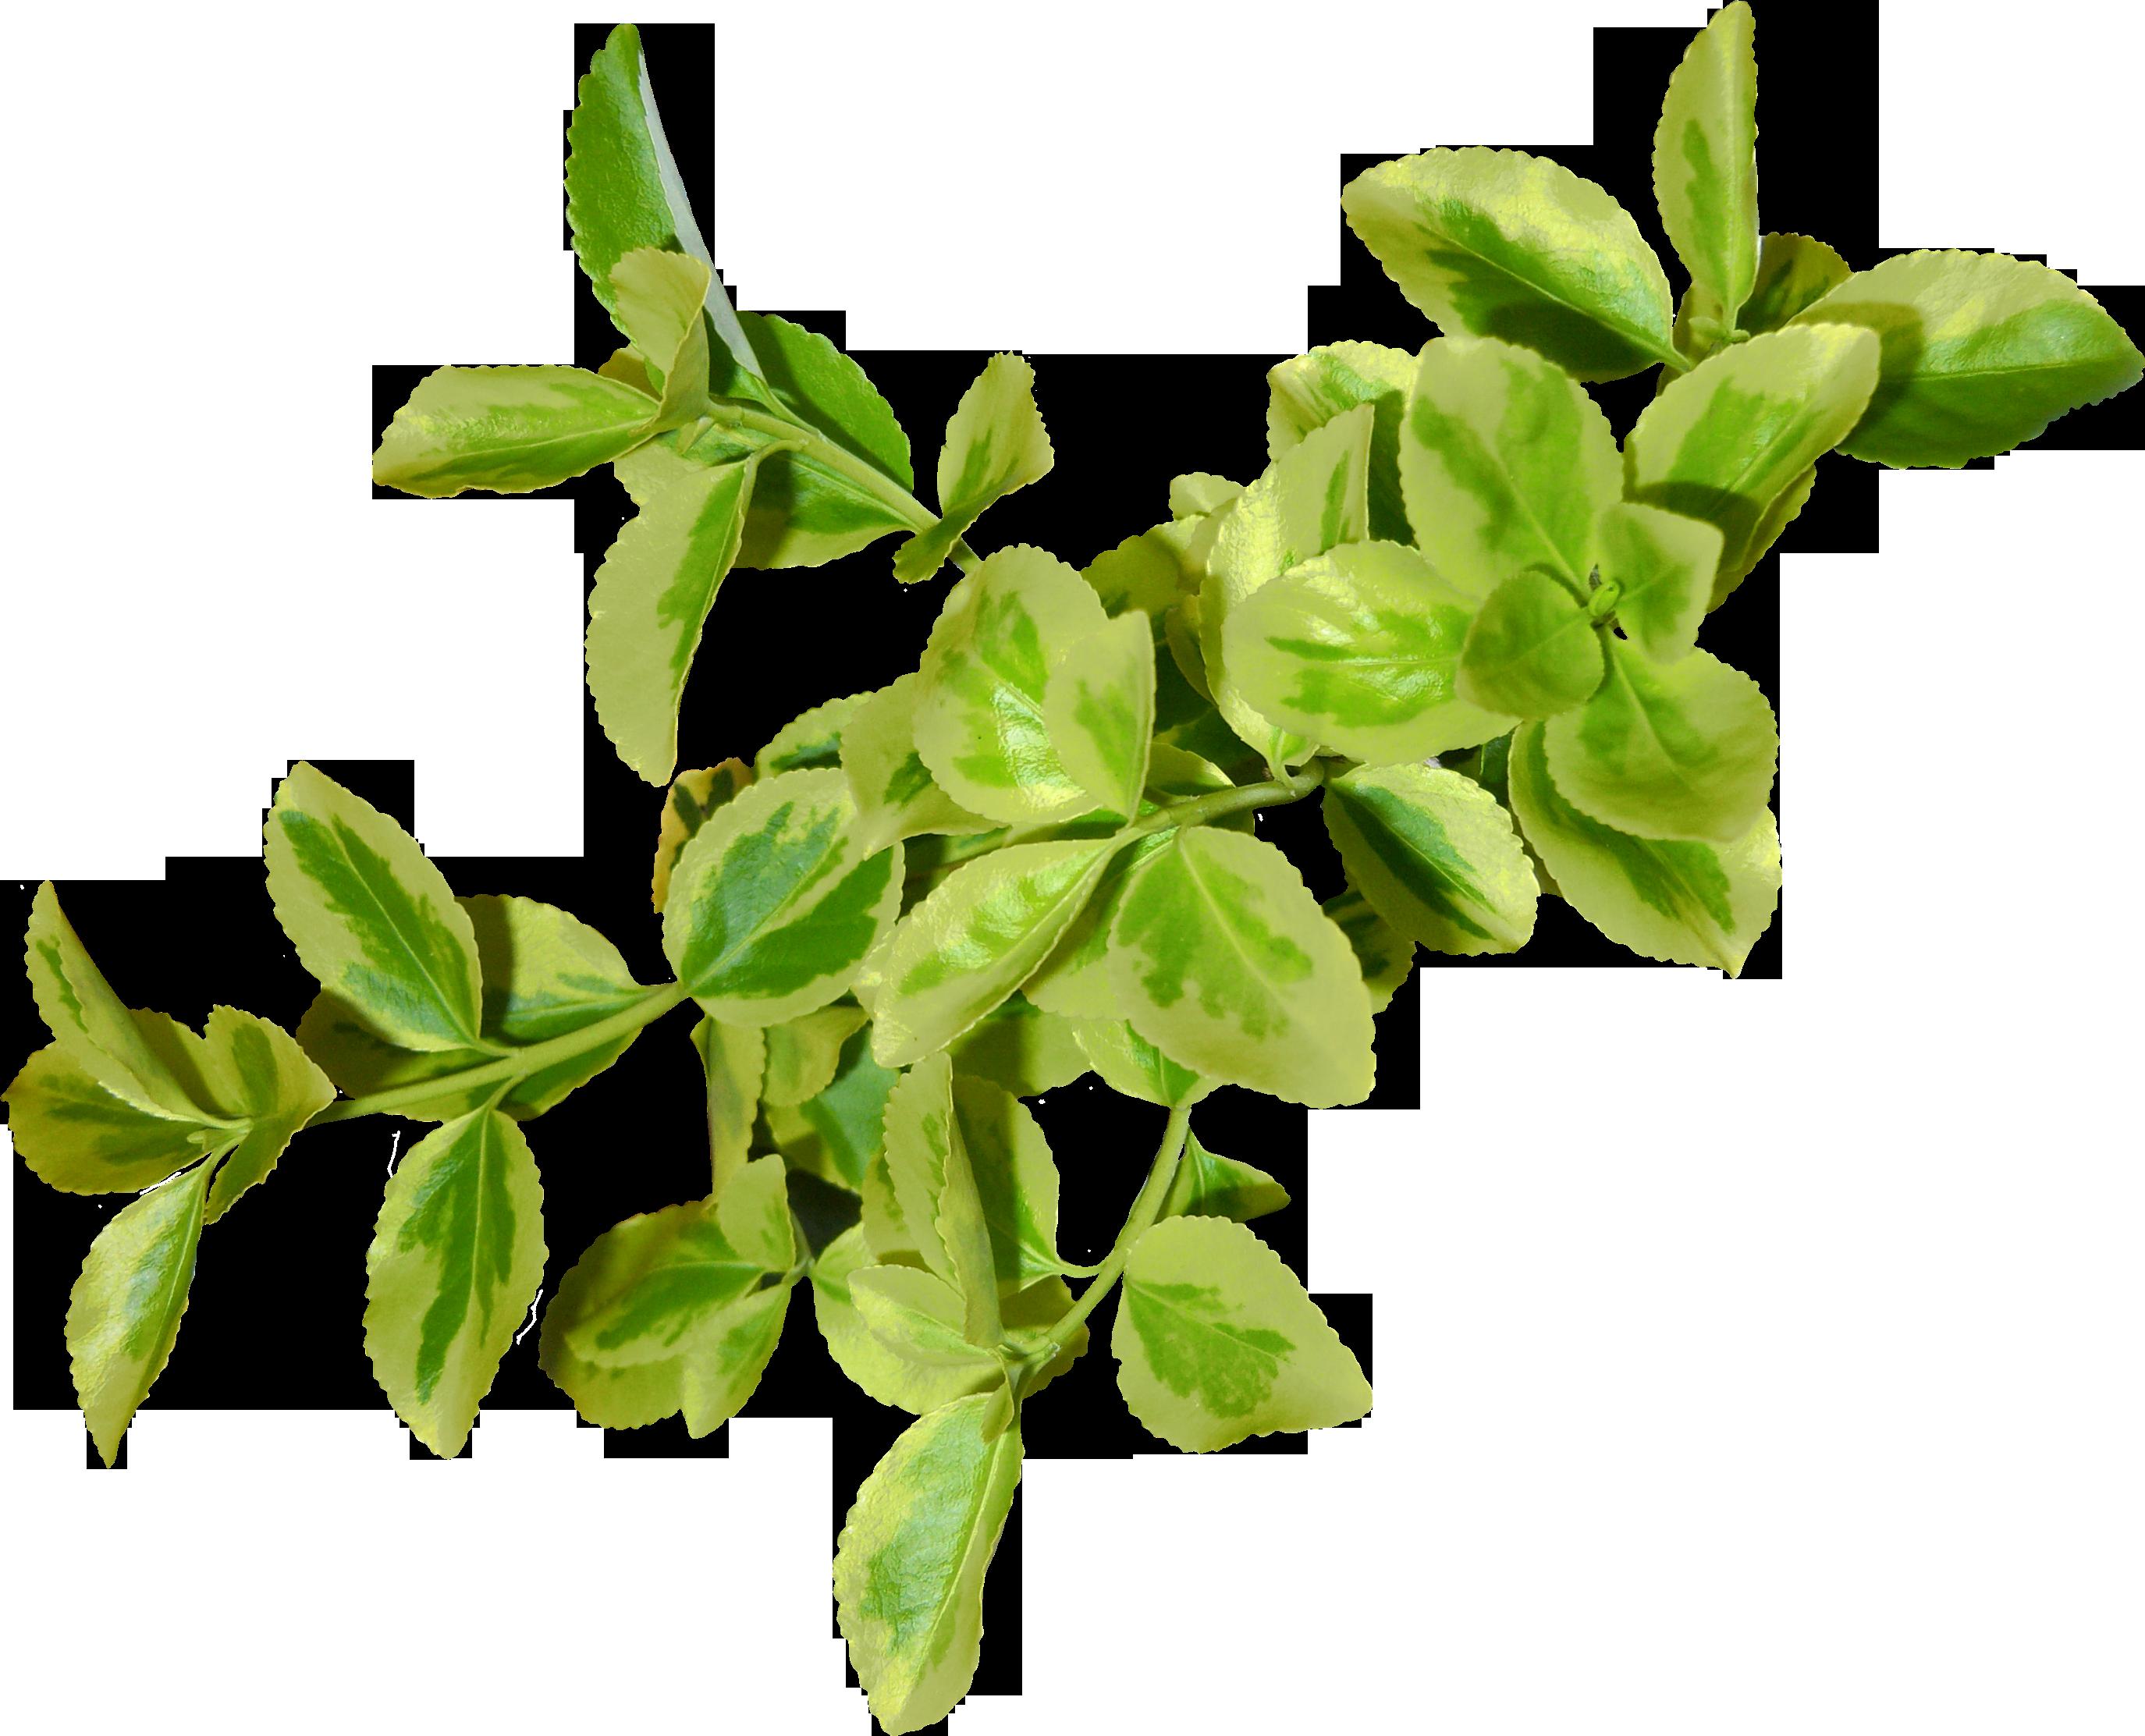 Green Leaf Png image #44858